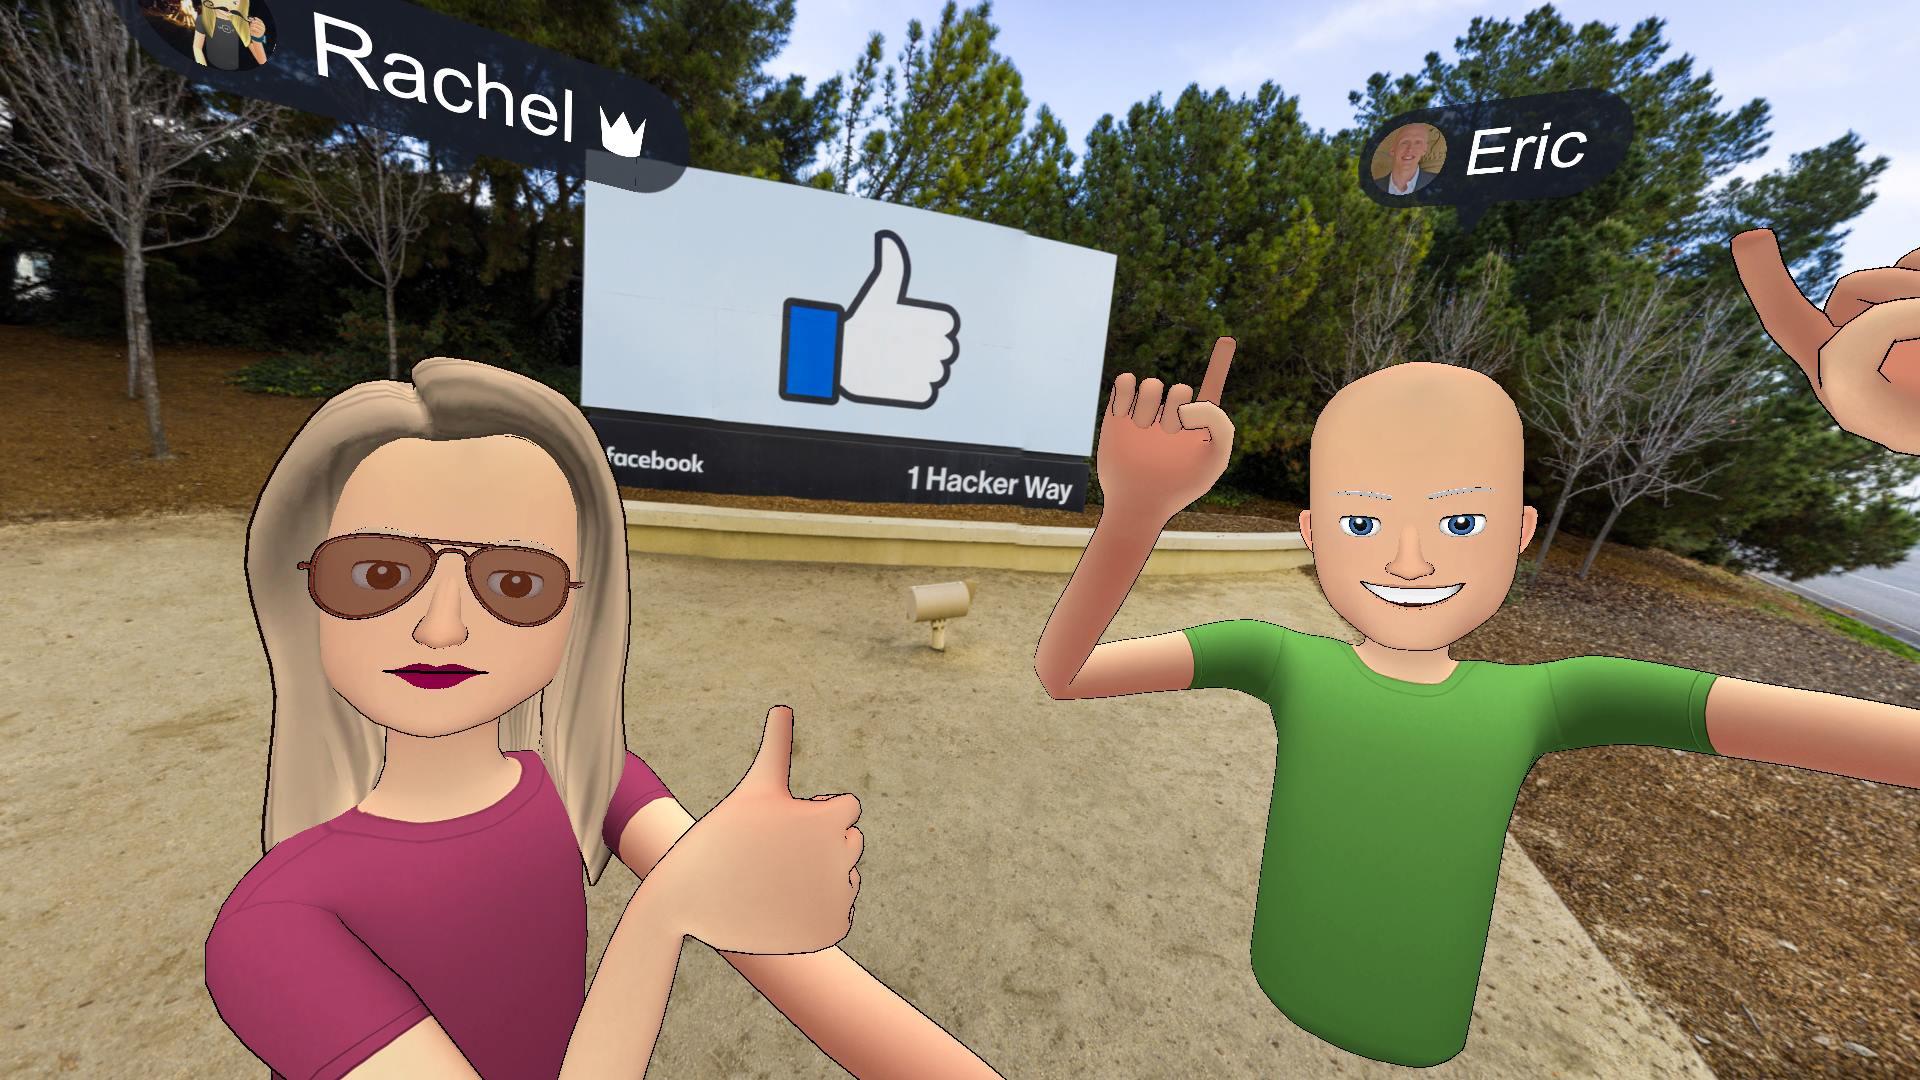 AltspaceVR co-founder joins Facebook's social VR team